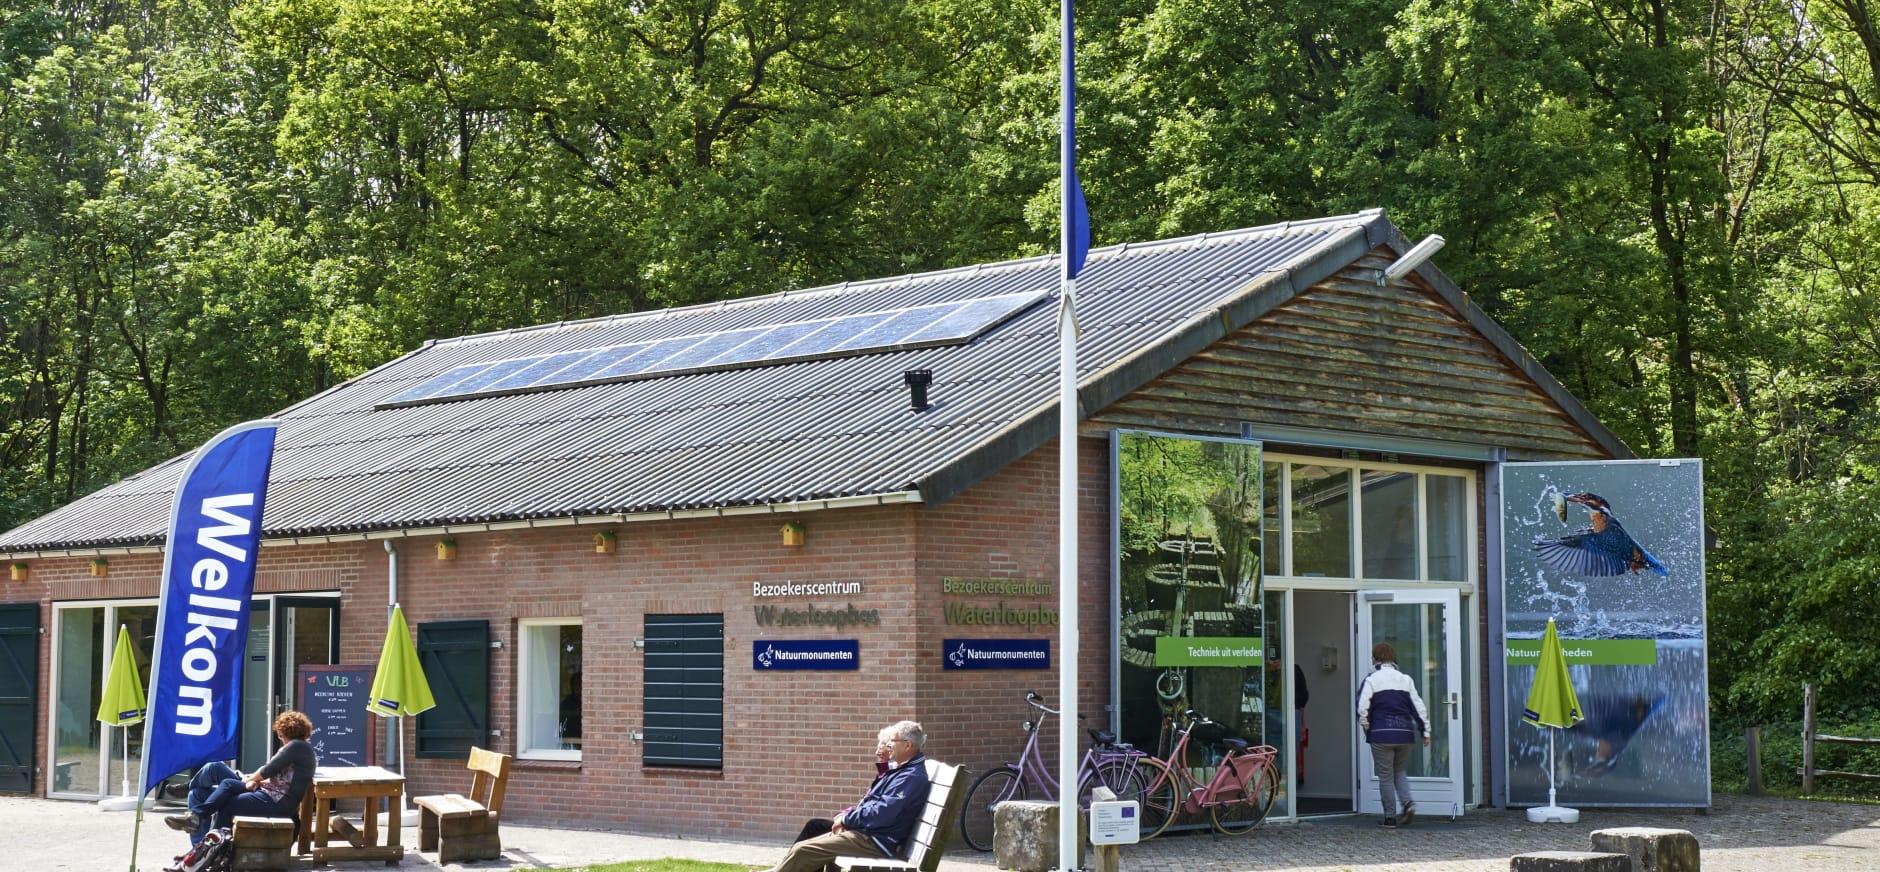 Bezoekerscentrum Waterloopbos verhuist